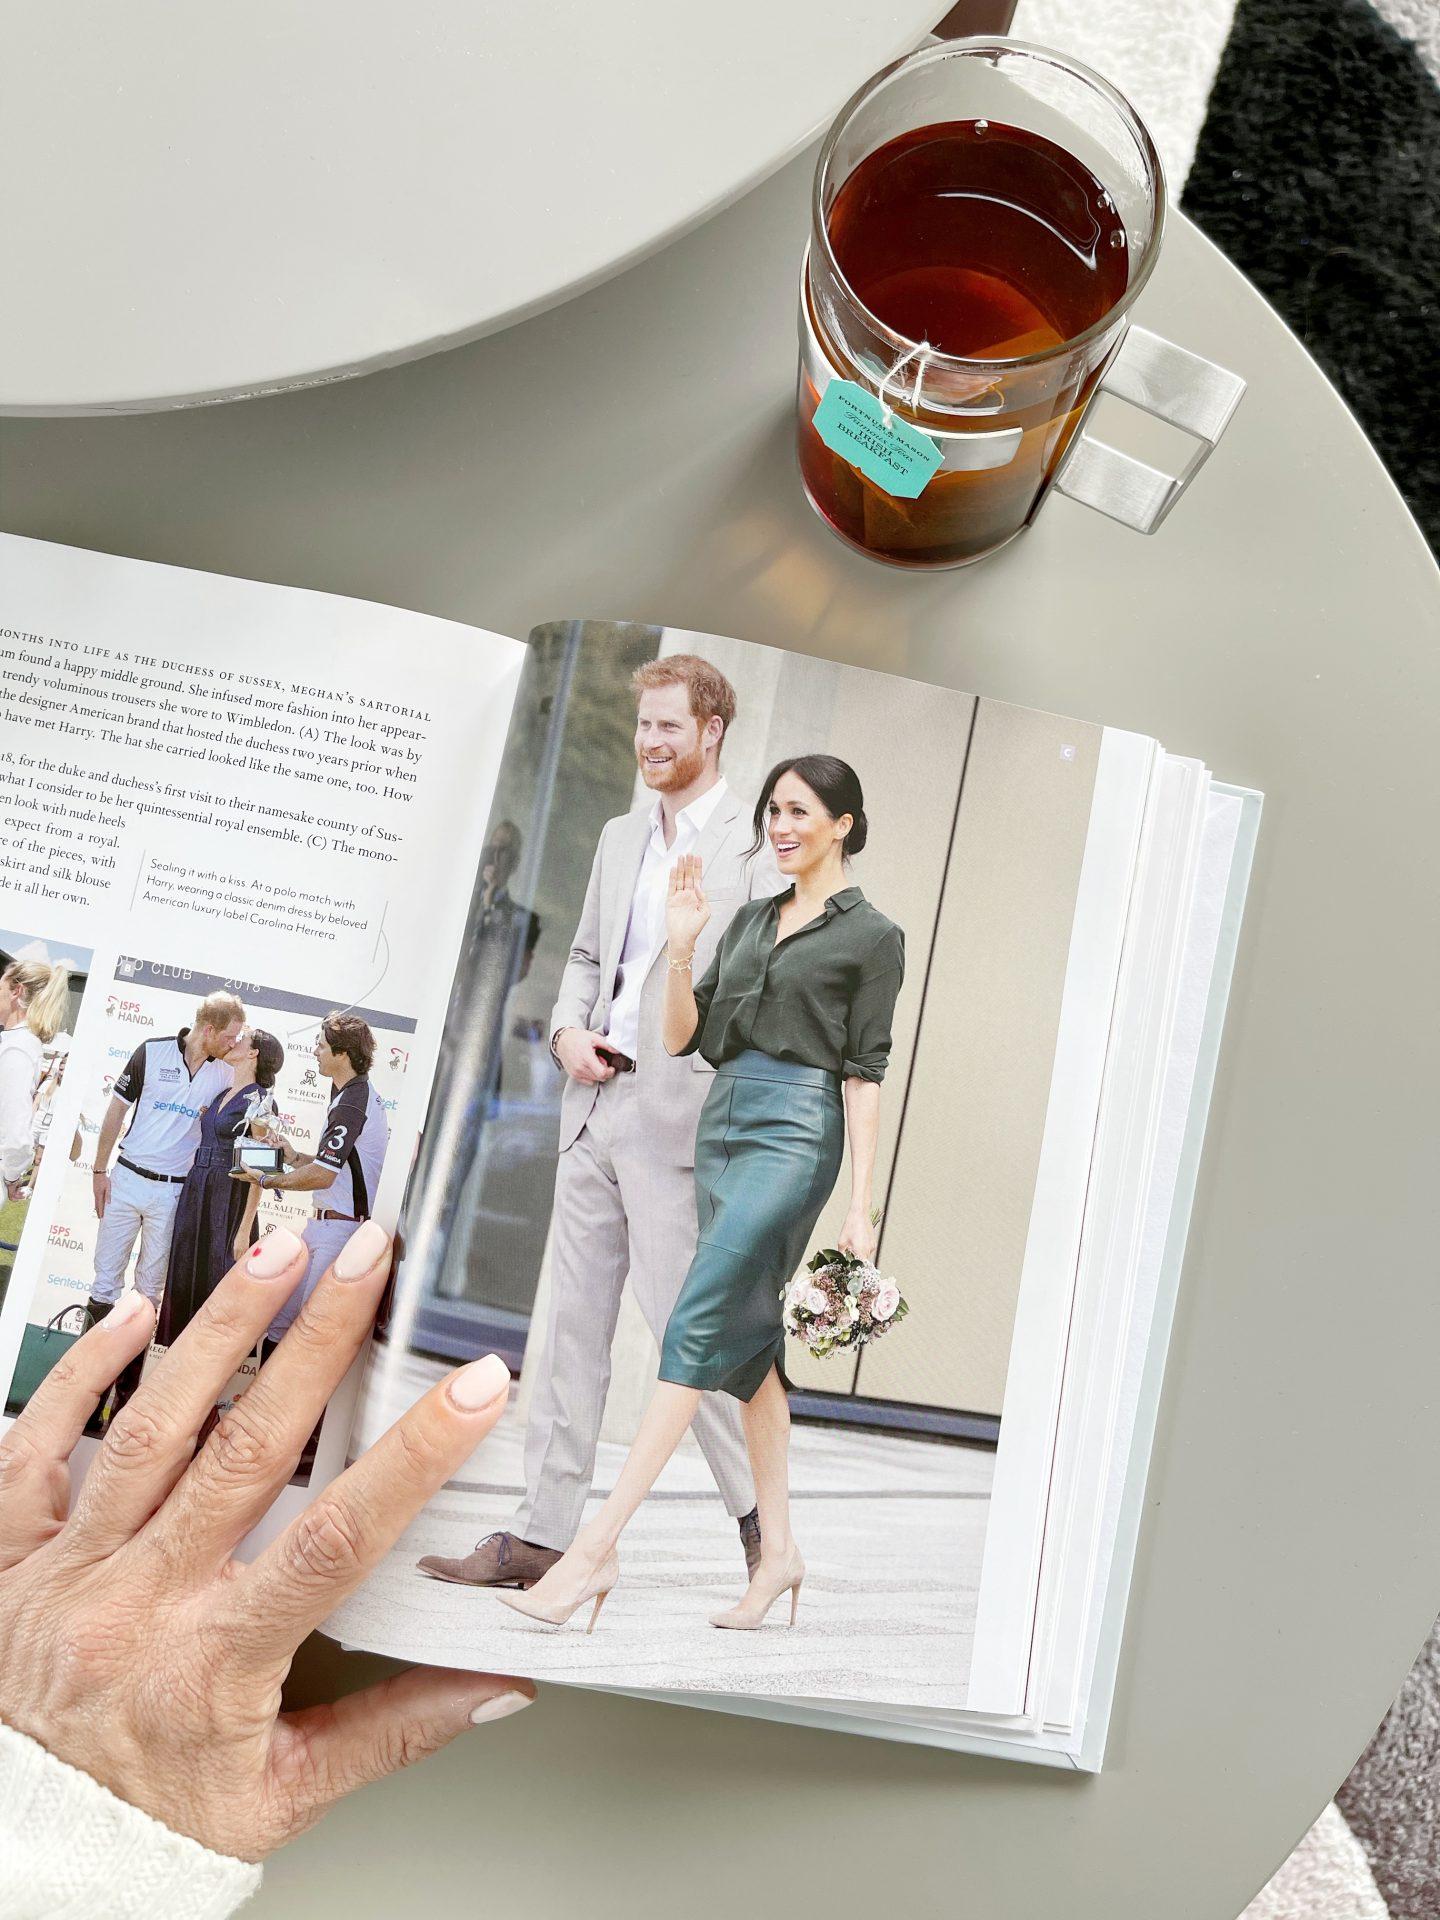 מייגן מרקל הנסיך הארי ספר אופנה מומלץ בית המלוכה הבריטי6